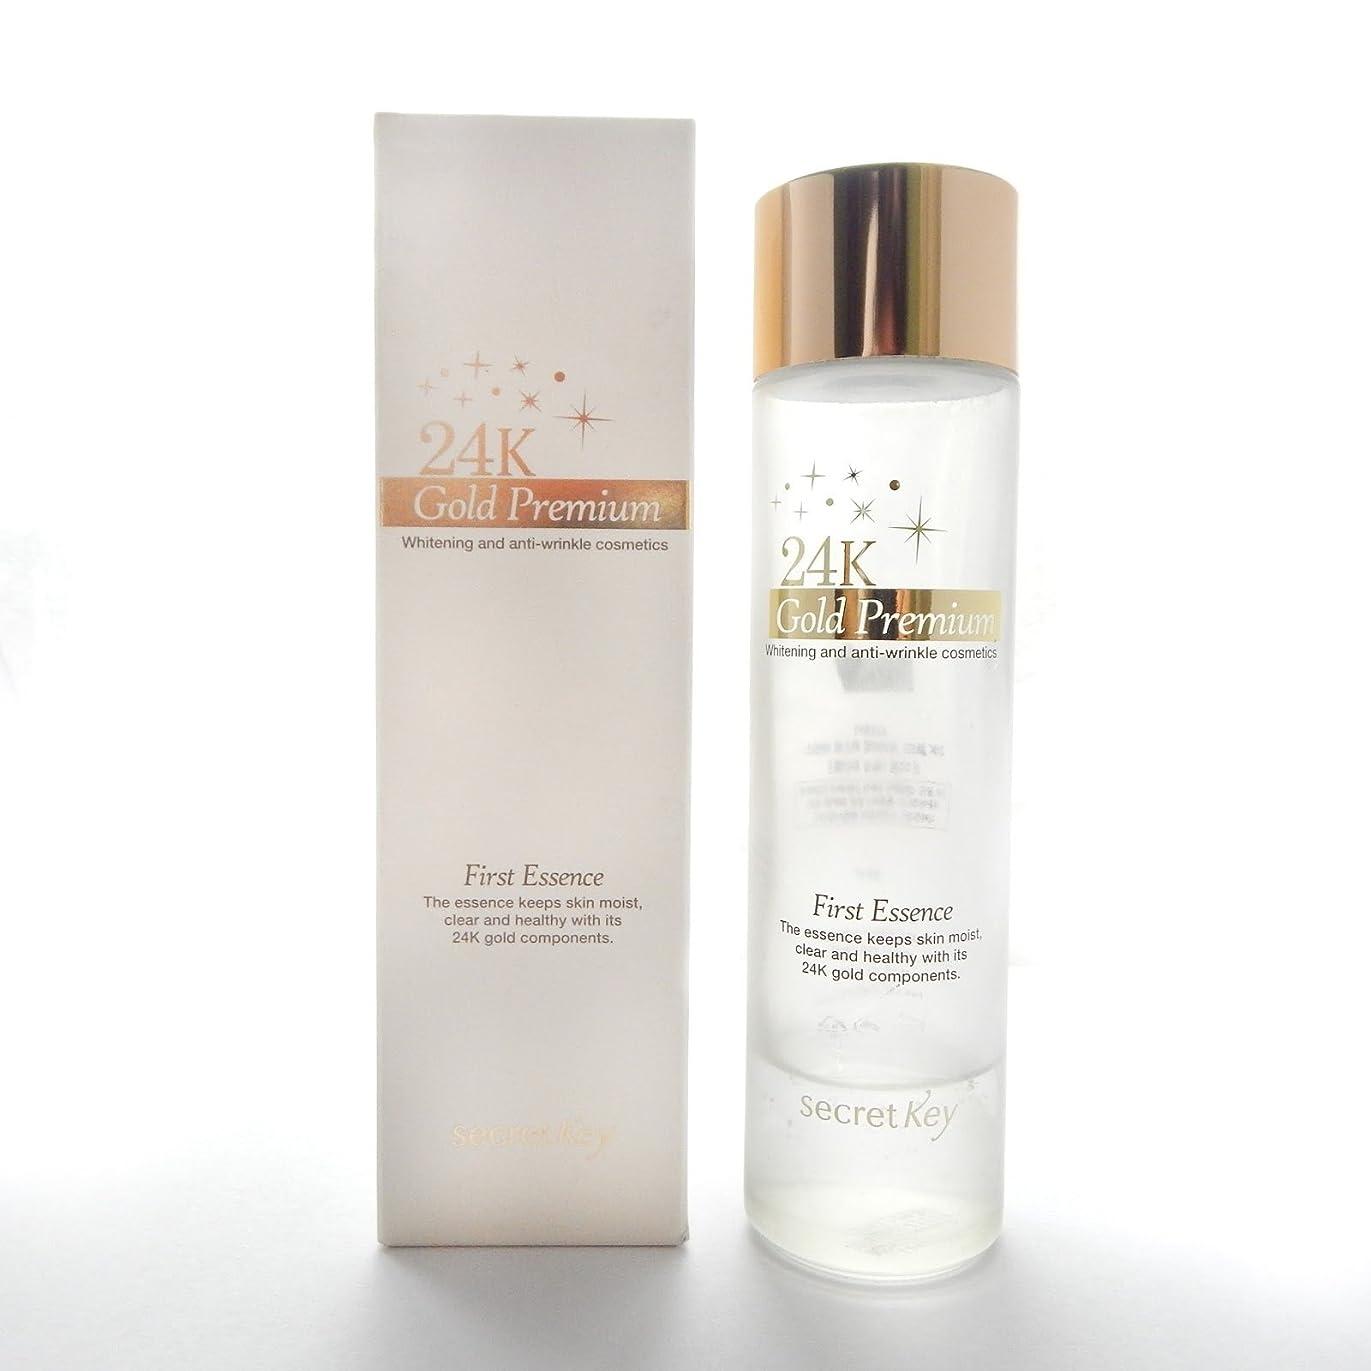 事務所同じ評価Secret key 24K Gold Premium First Essence/100% Authentic Korea Cosmetic